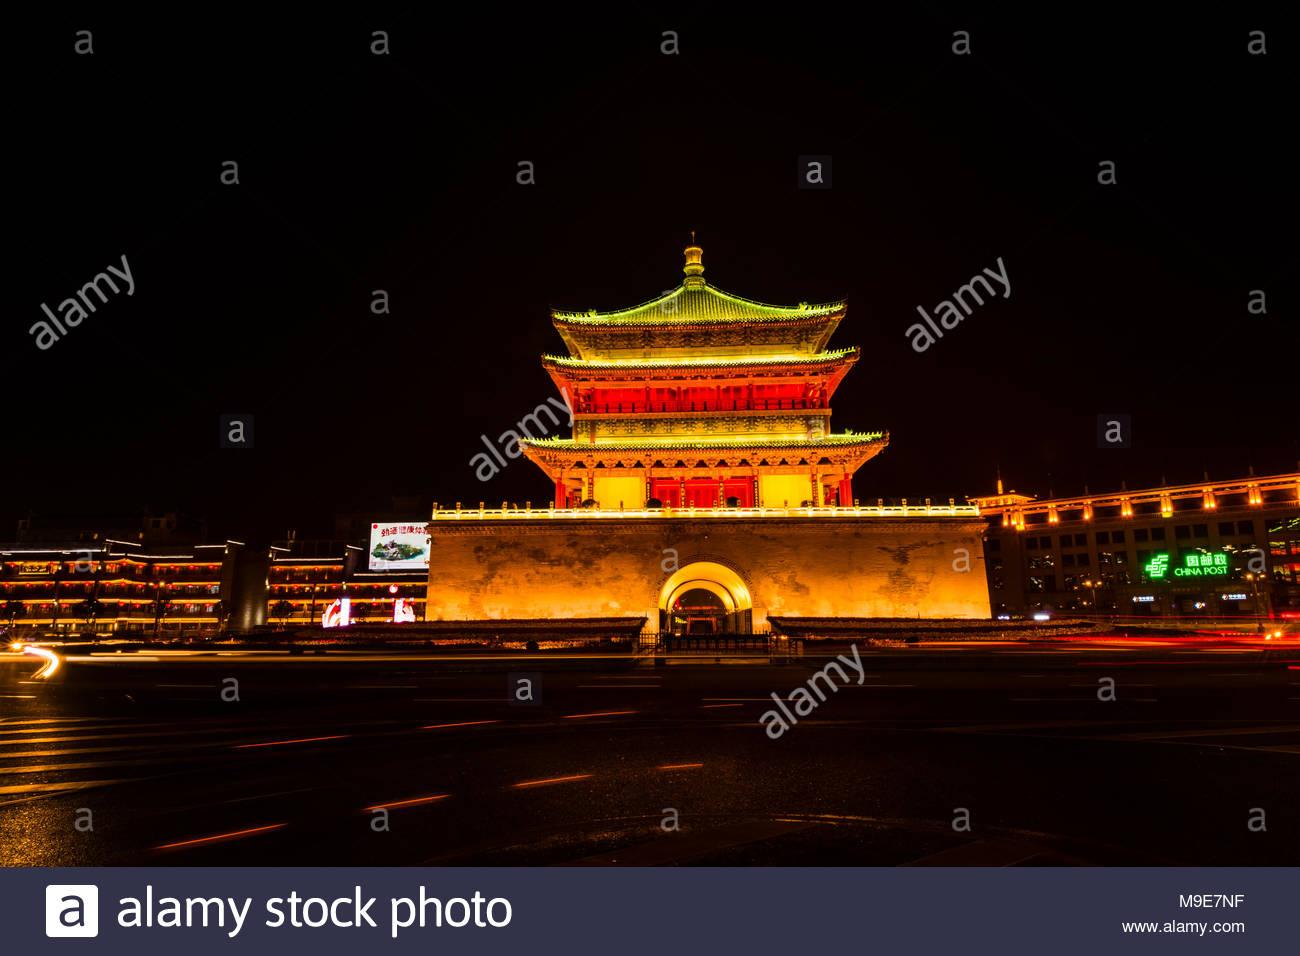 Der Glockenturm, 1384 während der frühen Ming Dynastie gebaut, ist ein Symbol der Stadt Xi'an und einer der größten seiner Art in China. Die Glocke T Stockbild